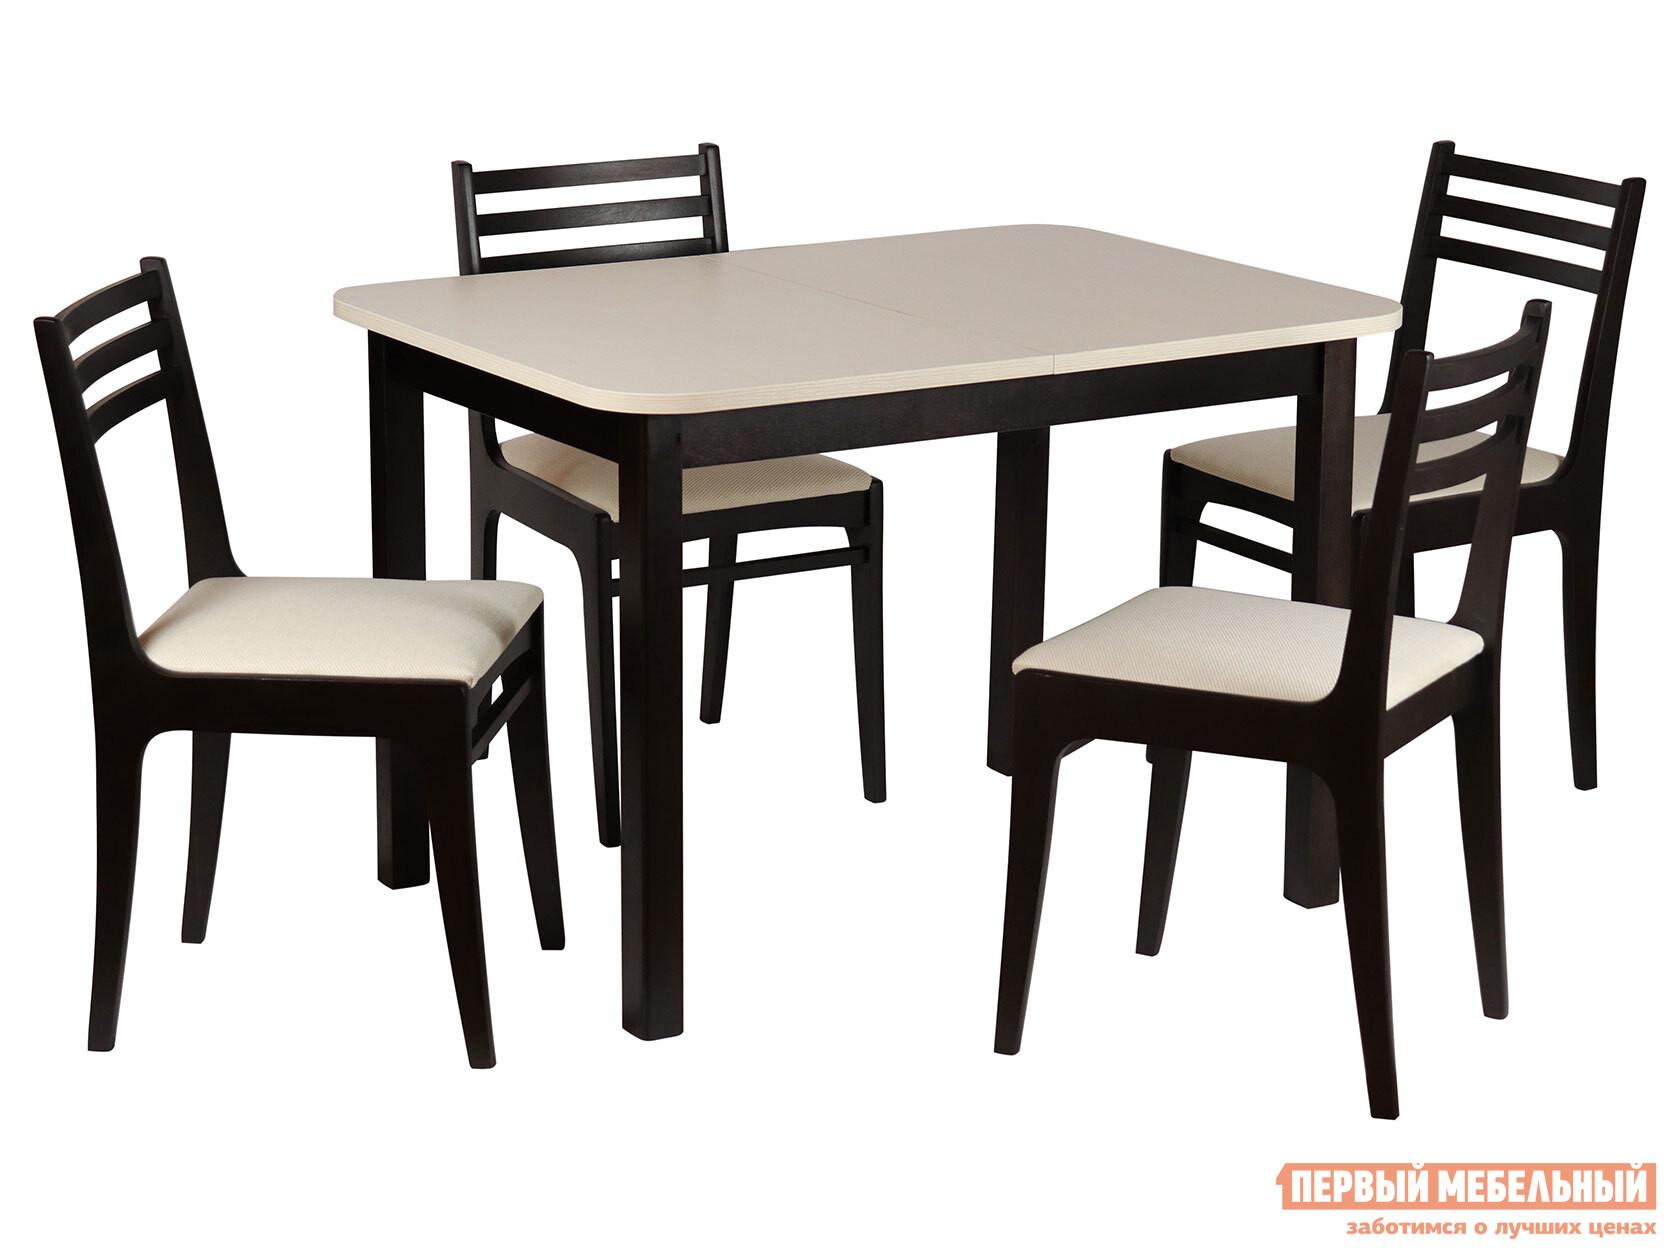 Обеденная группа для столовой и гостиной  Стол Франц СТ03Б1 + 4 стула Грис С8 Венге / Валенсия Аполло беж Mebwill 99069